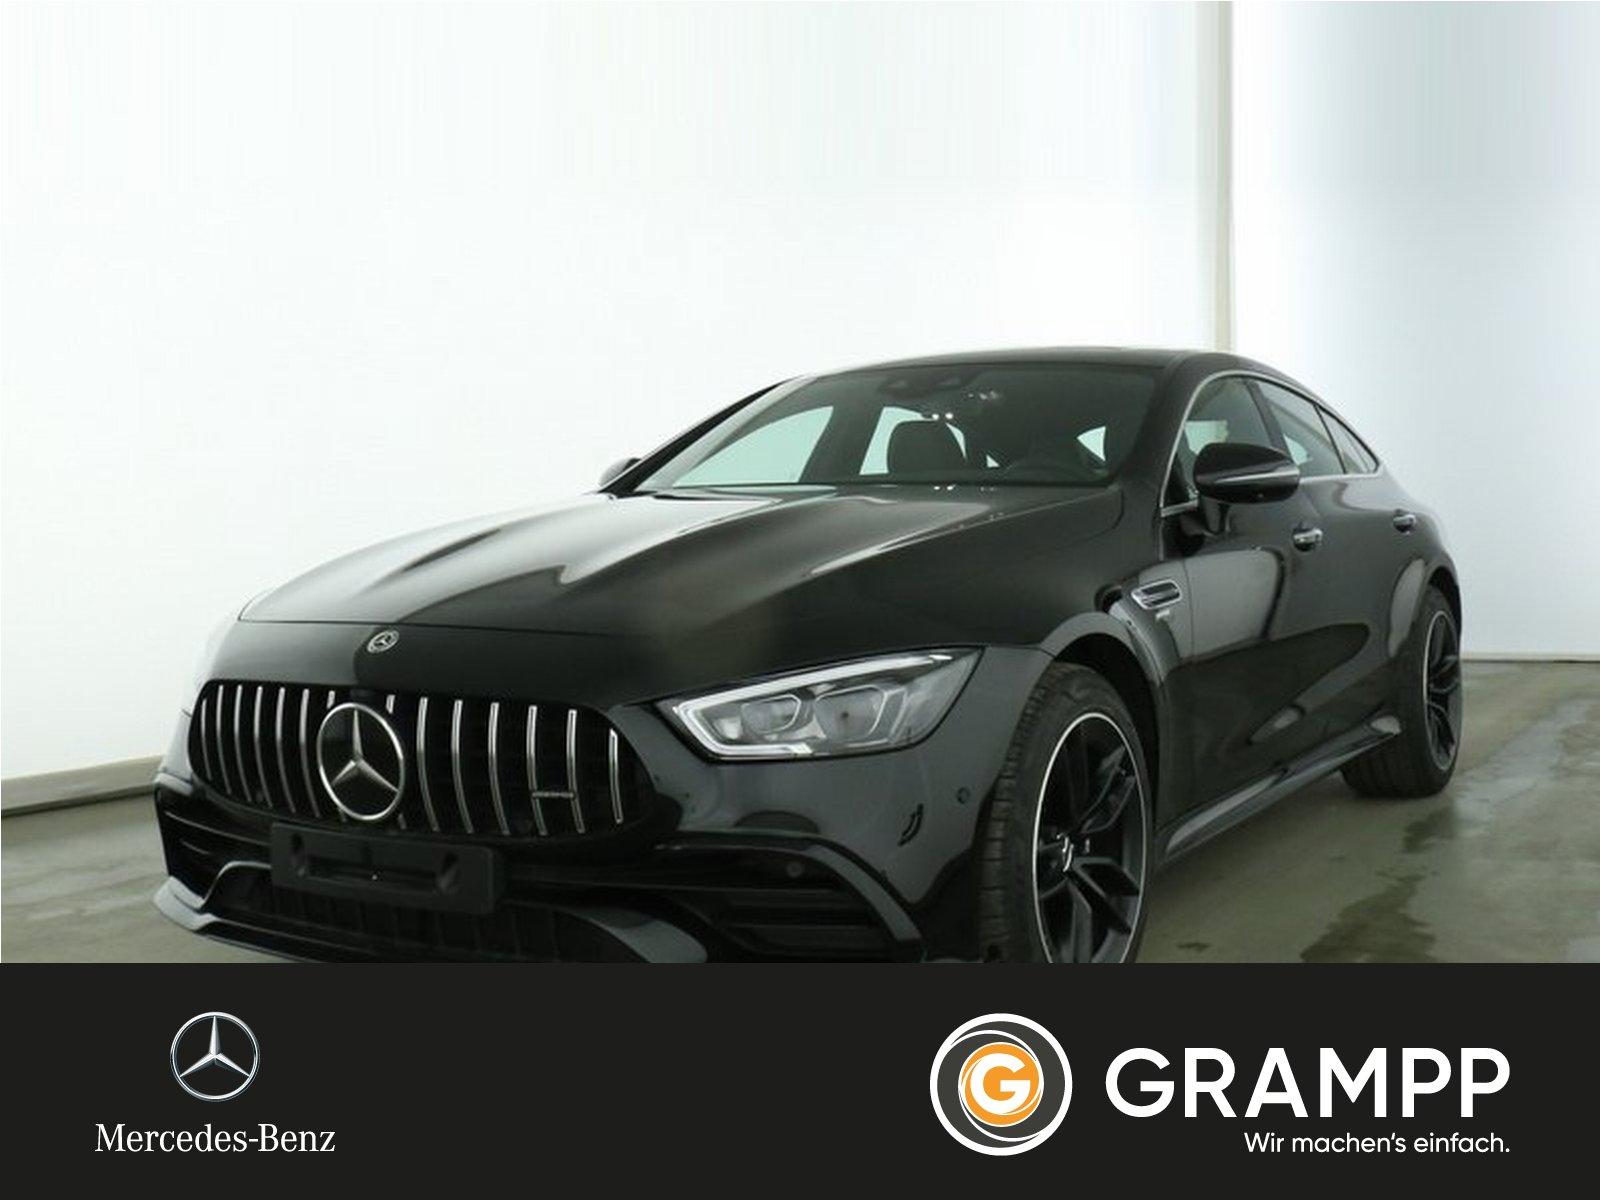 Mercedes-Benz Mercedes-AMG GT 43 4M+ Massage/Standh./Softclose, Jahr 2019, Benzin